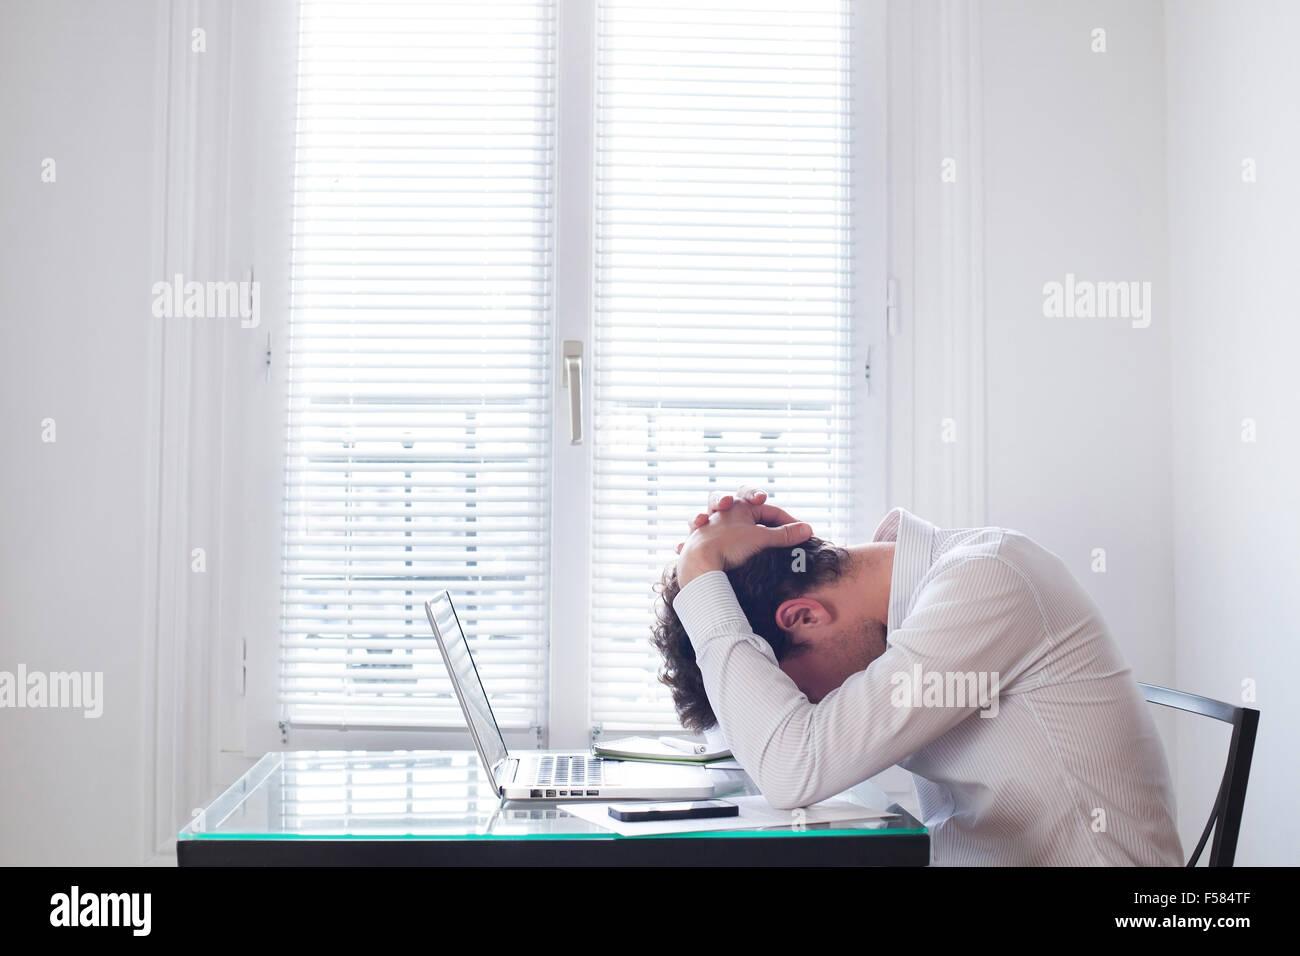 estrés en el trabajo Imagen De Stock